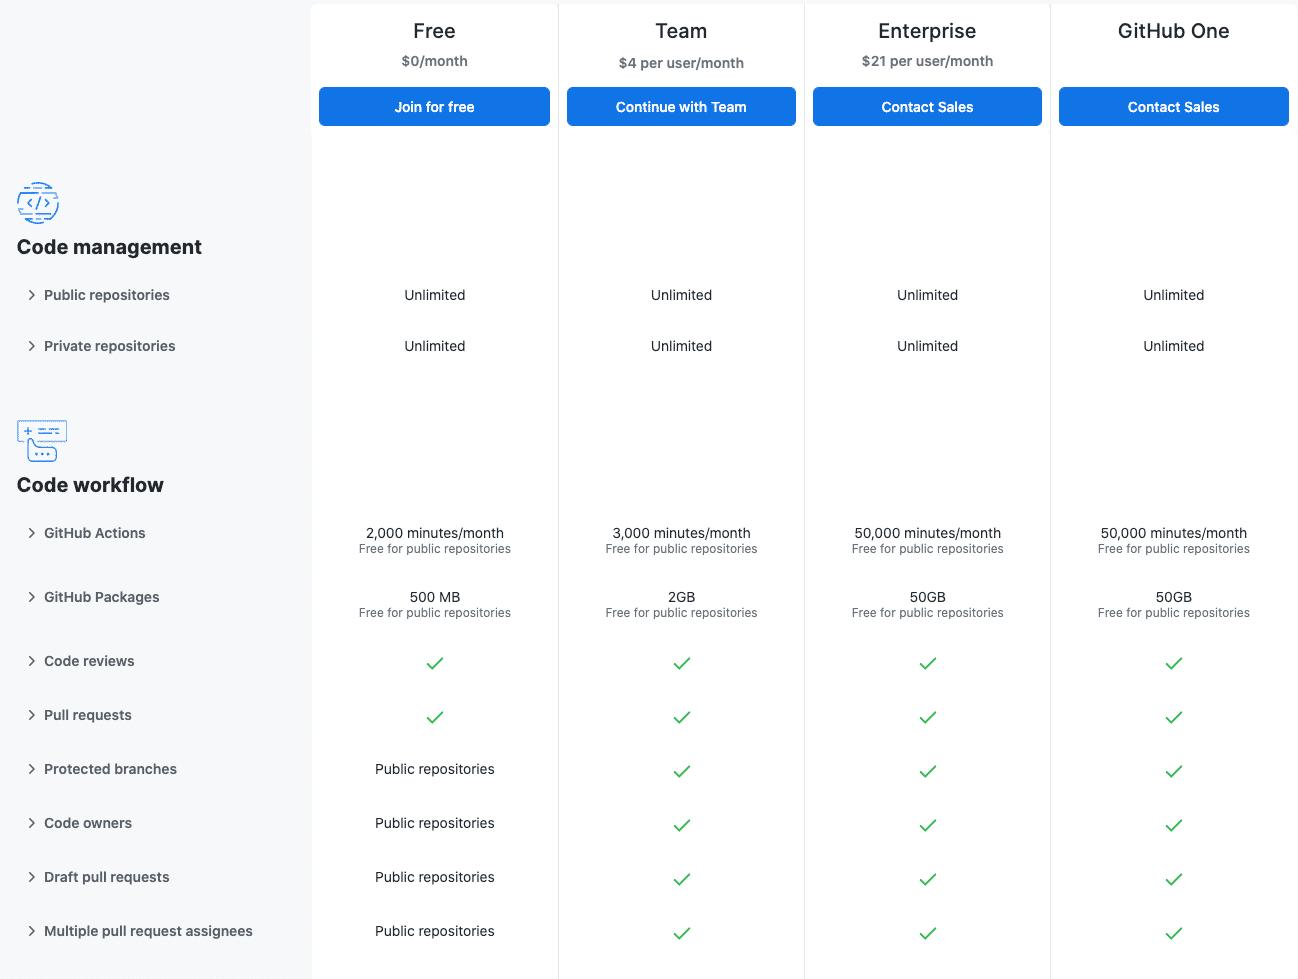 De prijsplannen van GitHub